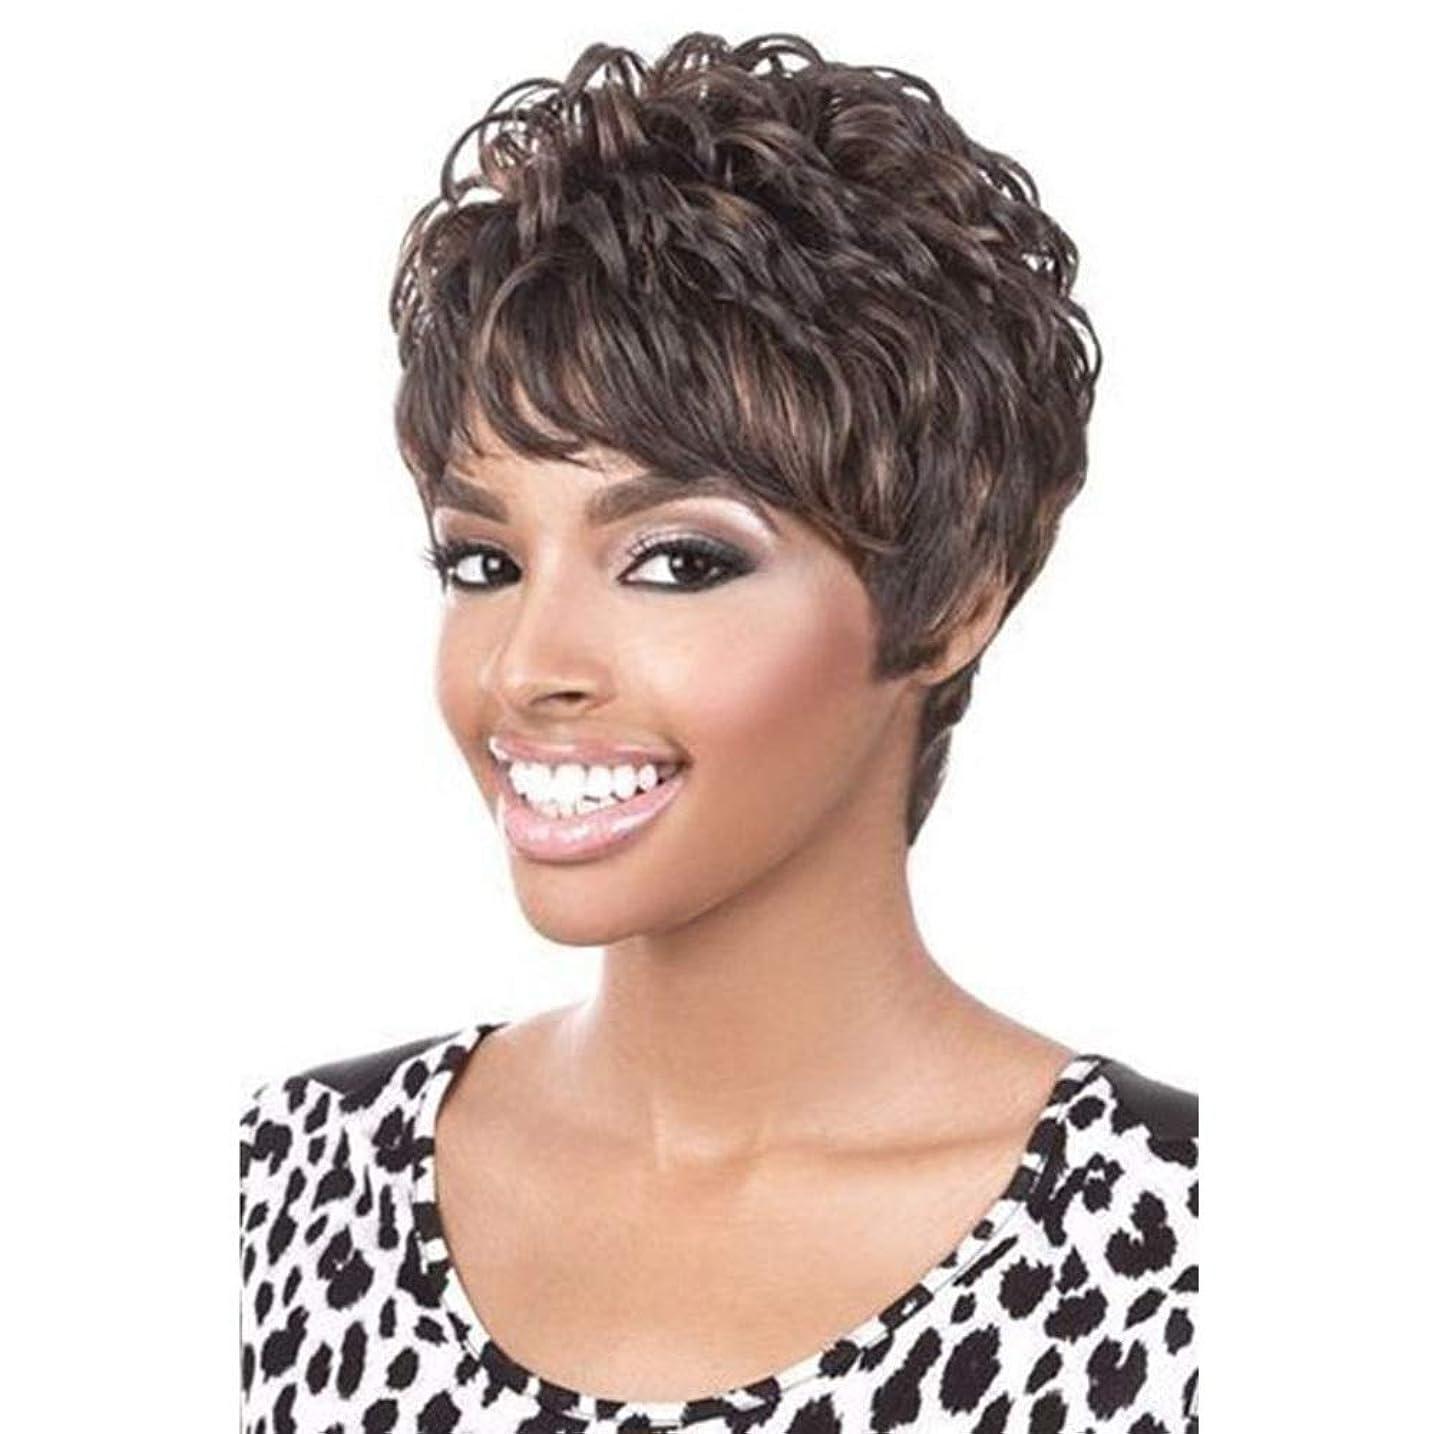 音楽を聴く誰ゲインセイYrattary 前髪+無料かつらキャップ付きの女性の人工毛のための短い茶色のかつらコスプレかつら (色 : ブラウン)